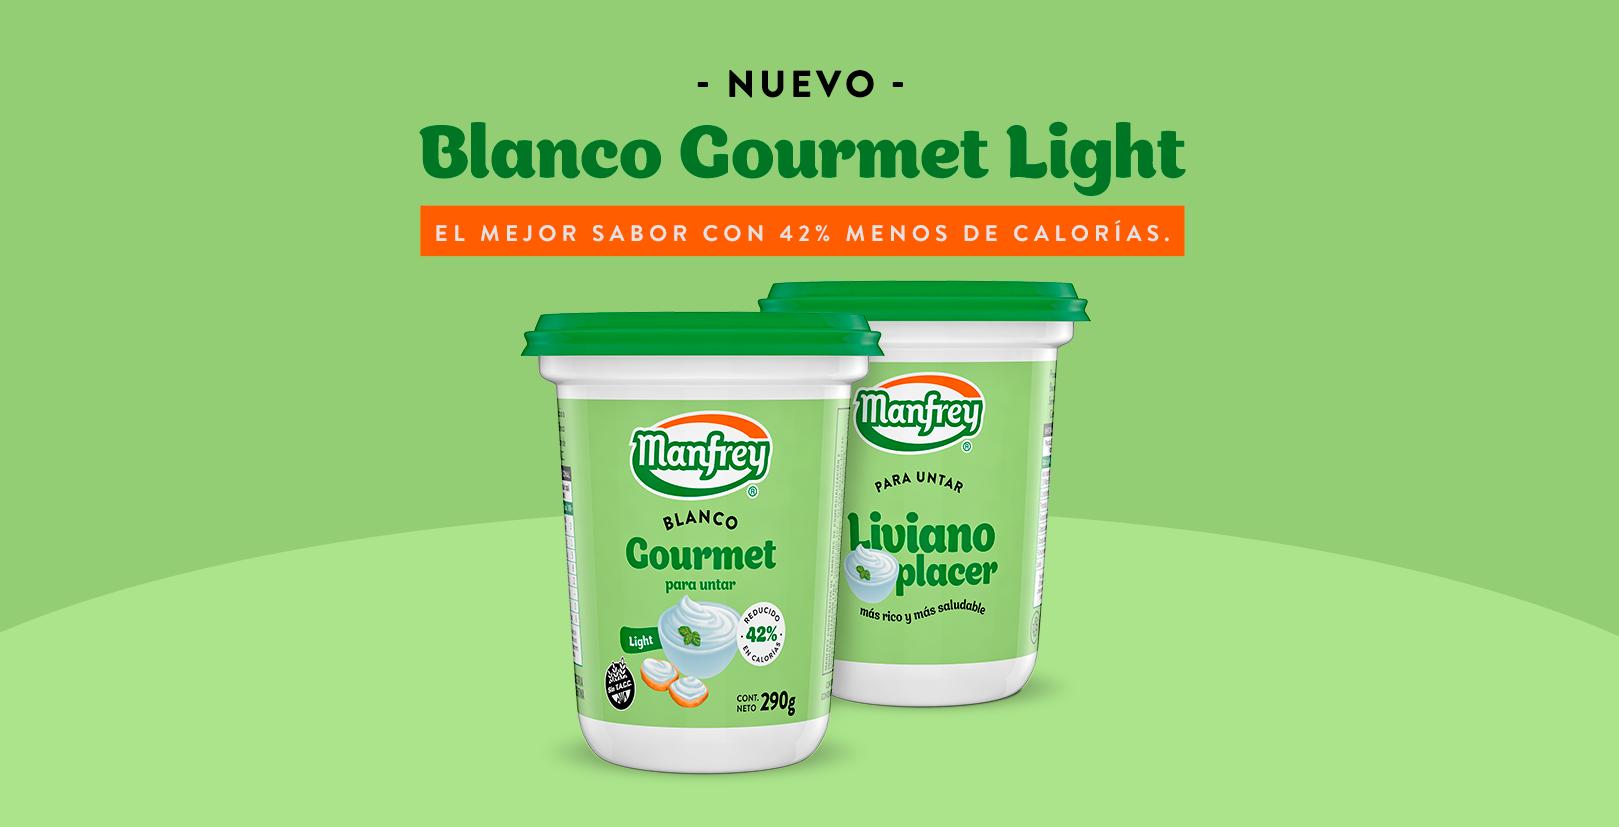 Nuevo Blanco Gourmet Light